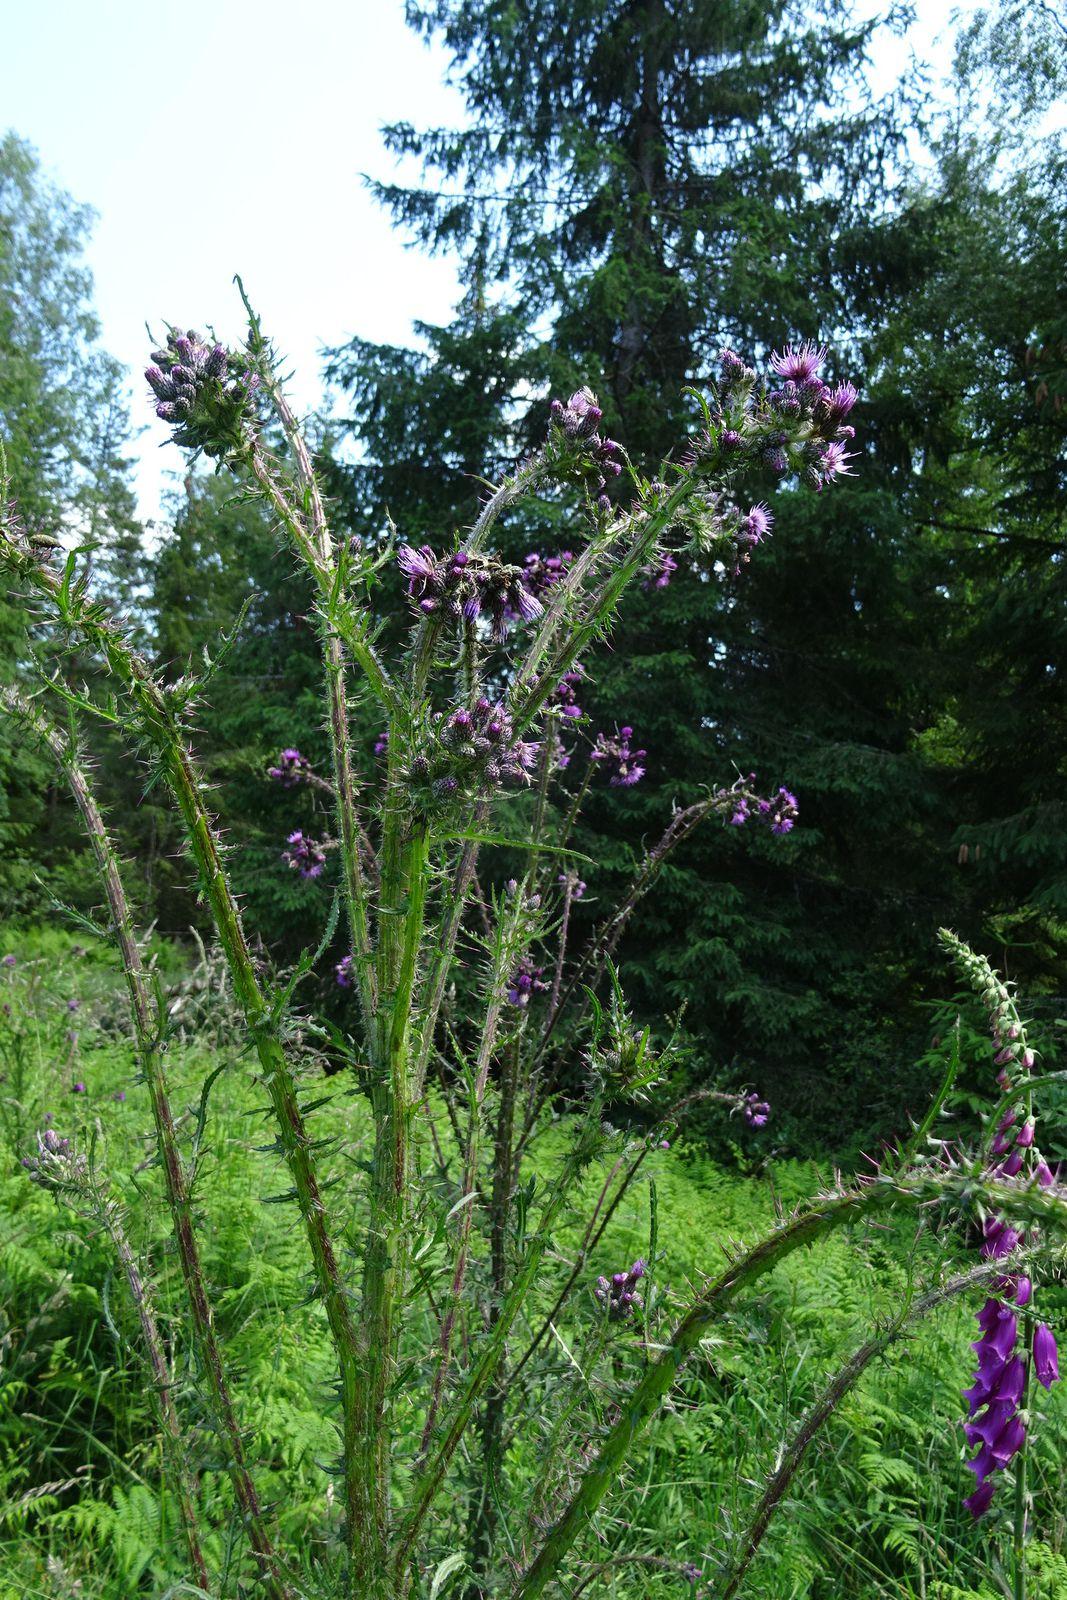 Notre parcours est agrémenté de campanules, de chardons et autres fleurs.